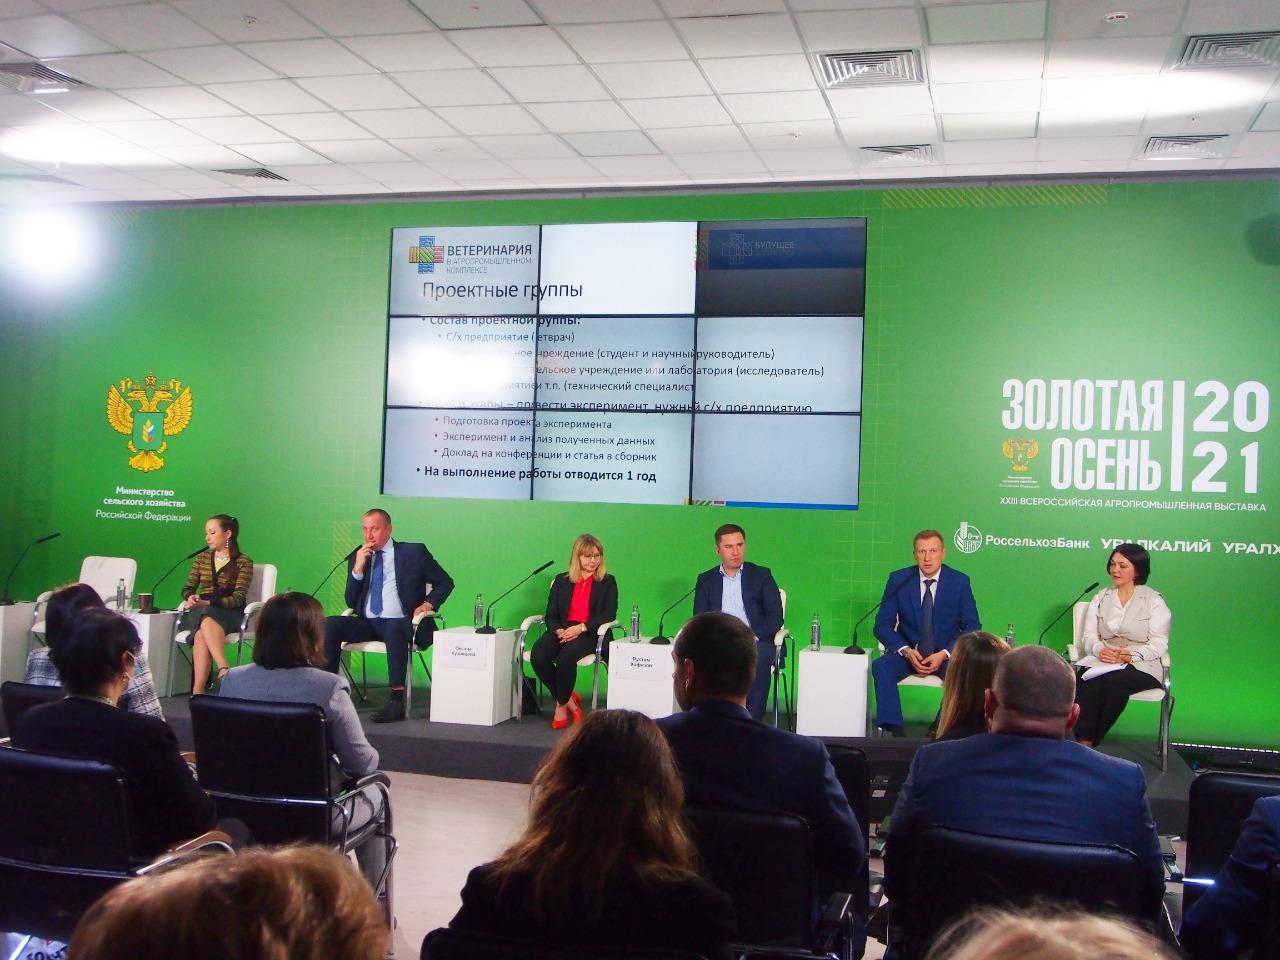 Проведение конференции «Партнерство бизнеса и образования. Аграрный подход».